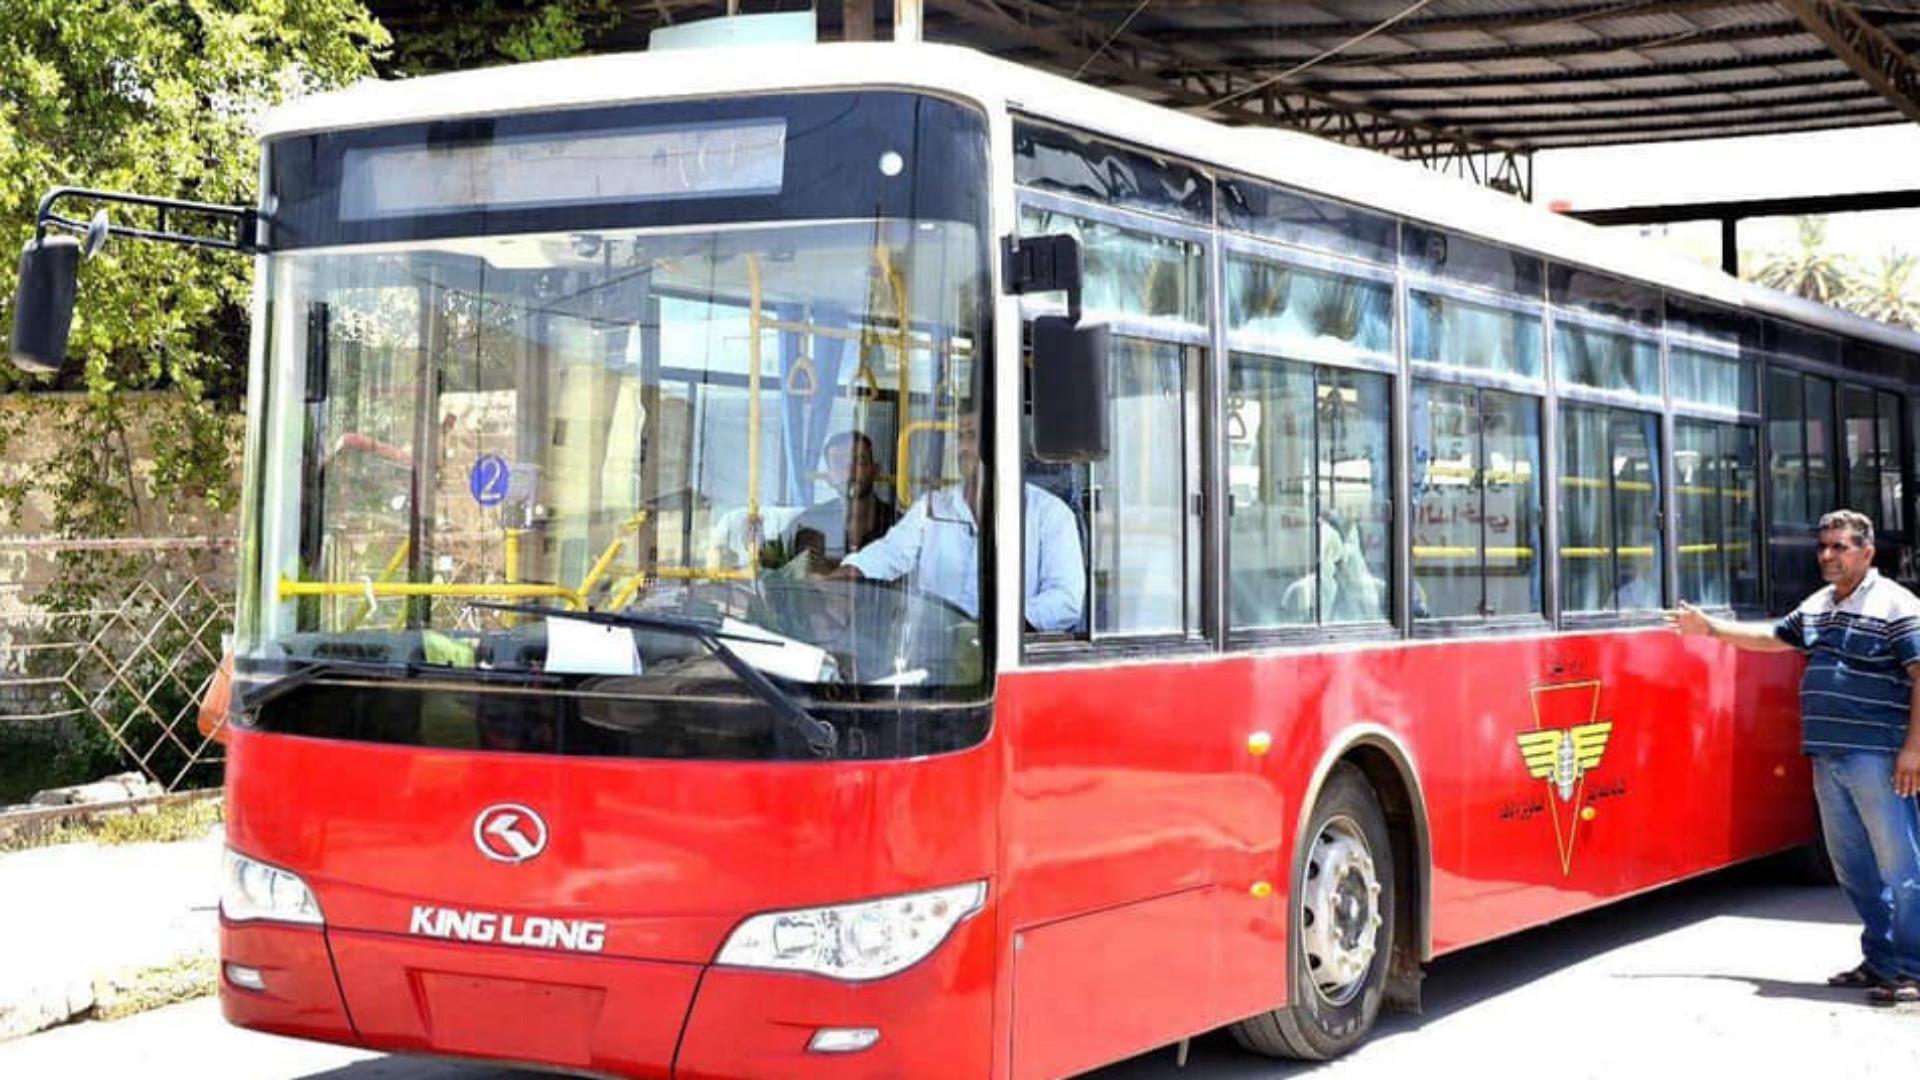 النقل تعلن إعادة تسيير الباصات الحمراء في بغداد